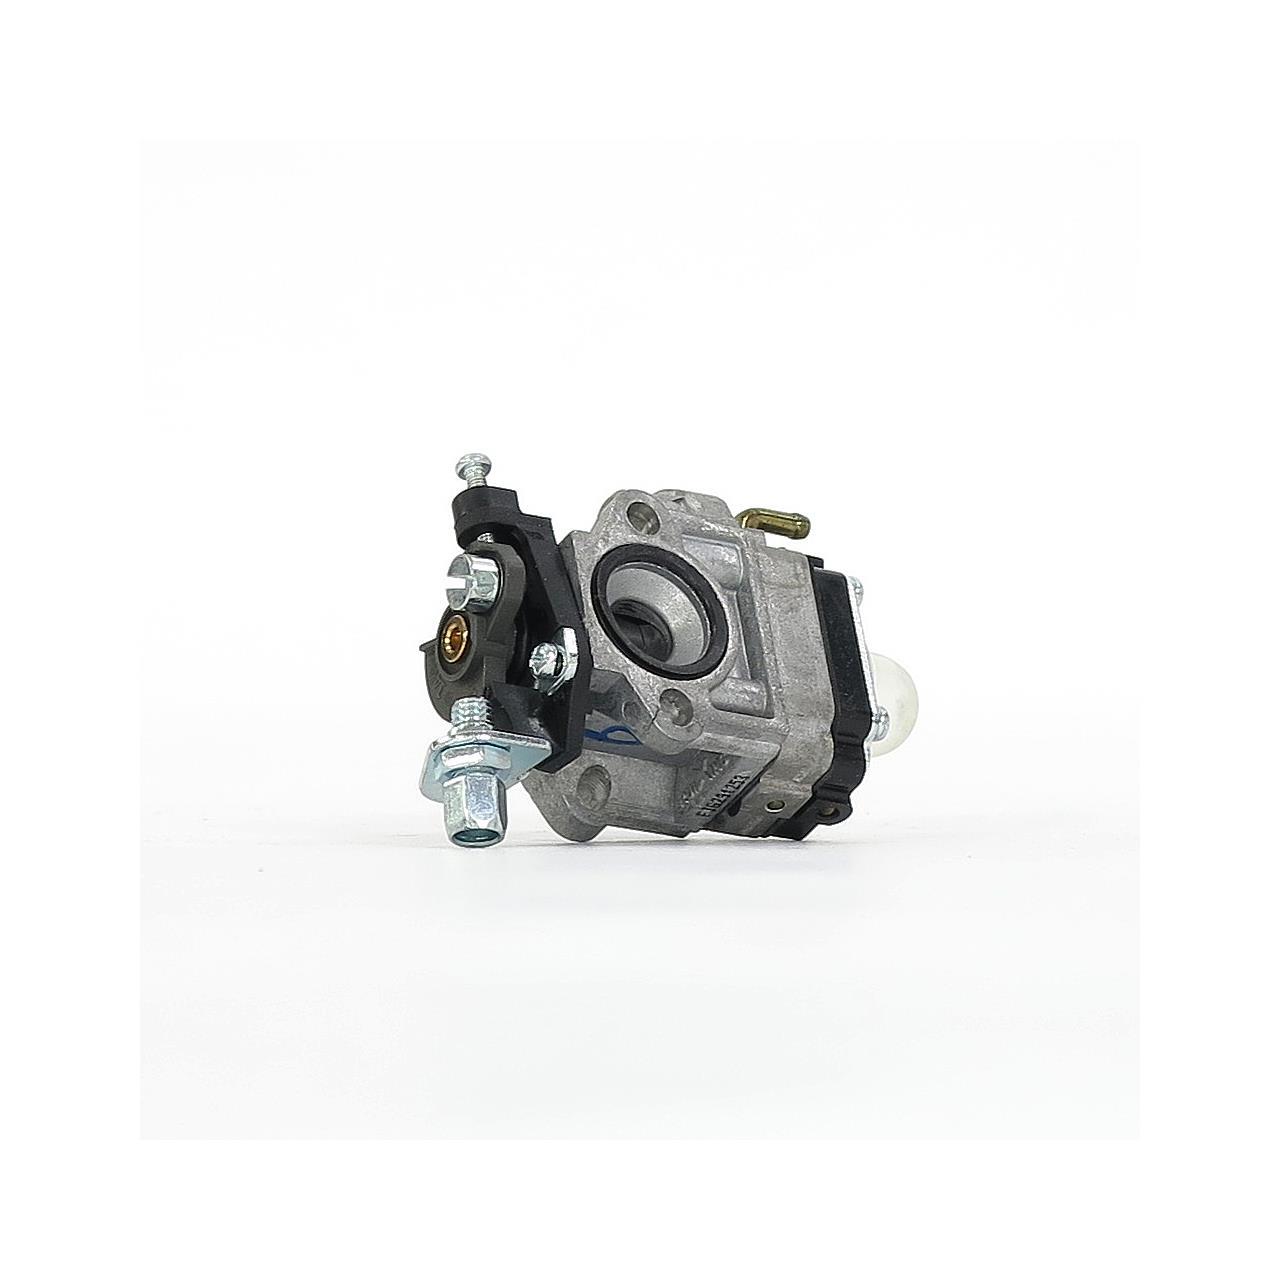 Vergaser für FX-LB126 / FX-LBS126 / FX-LB1.0